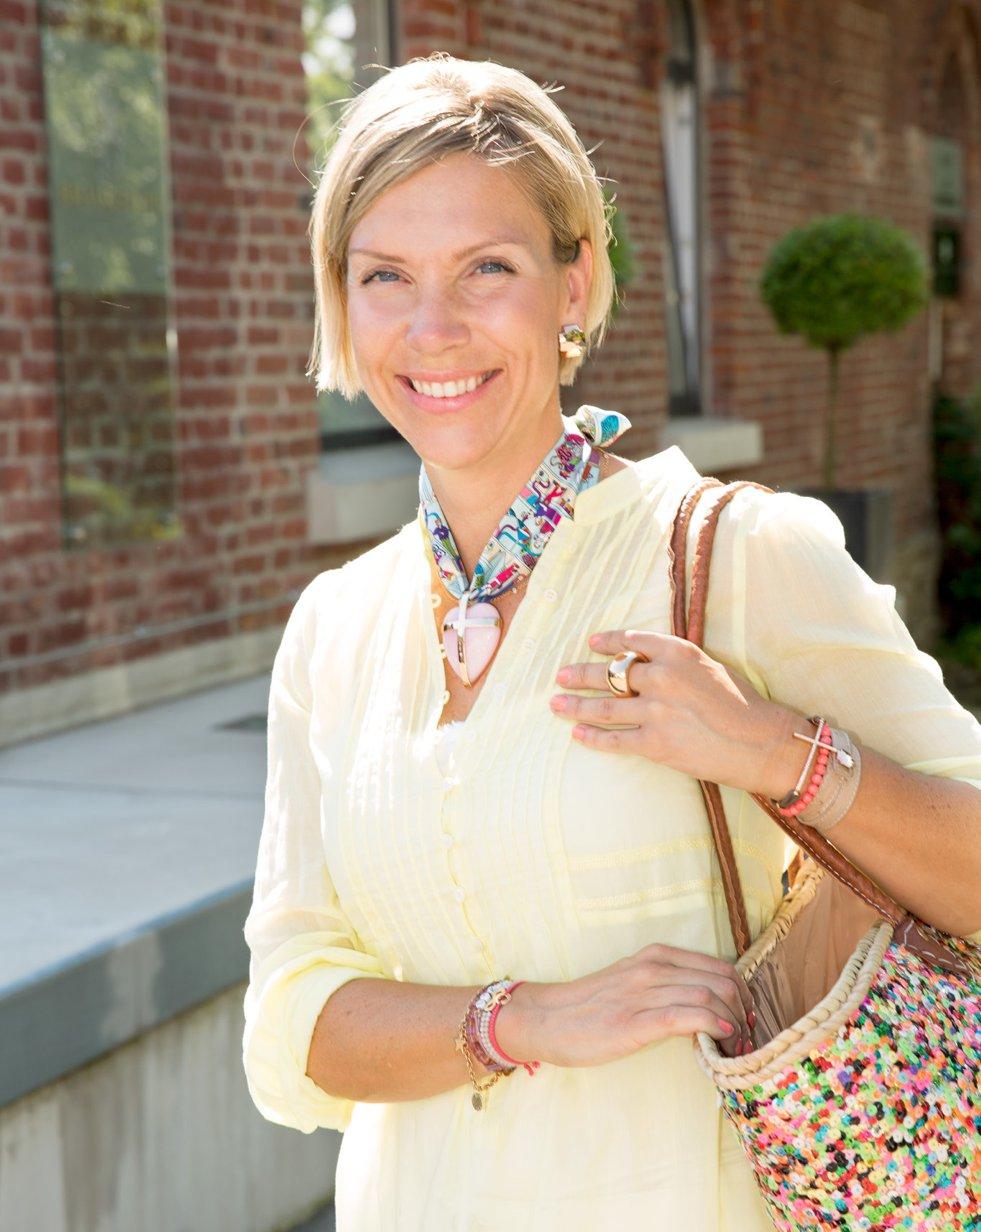 Verena Jonetat, Brauksiepe Goldschmiedemanufakur, Twilly Lover, Twilly Trend, wie knote ich ein Twilly, wie trage ich ein Twilly, Twilly mit Schmuck, Fashion Blog, Lieblingsstil.com,1. jpg